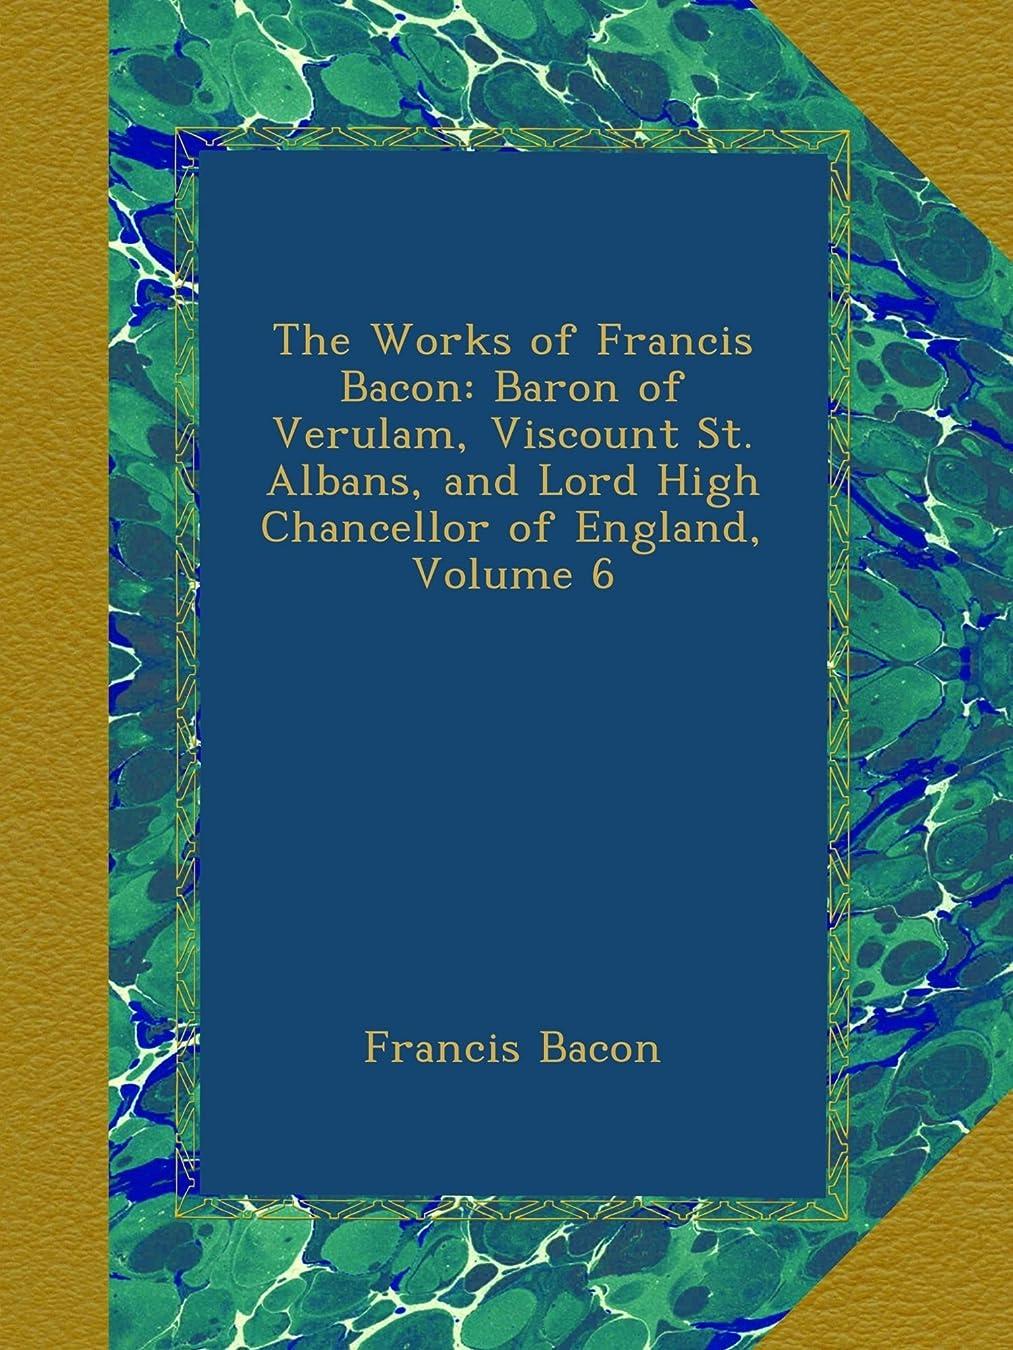 テザー掘るインフルエンザThe Works of Francis Bacon: Baron of Verulam, Viscount St. Albans, and Lord High Chancellor of England, Volume 6